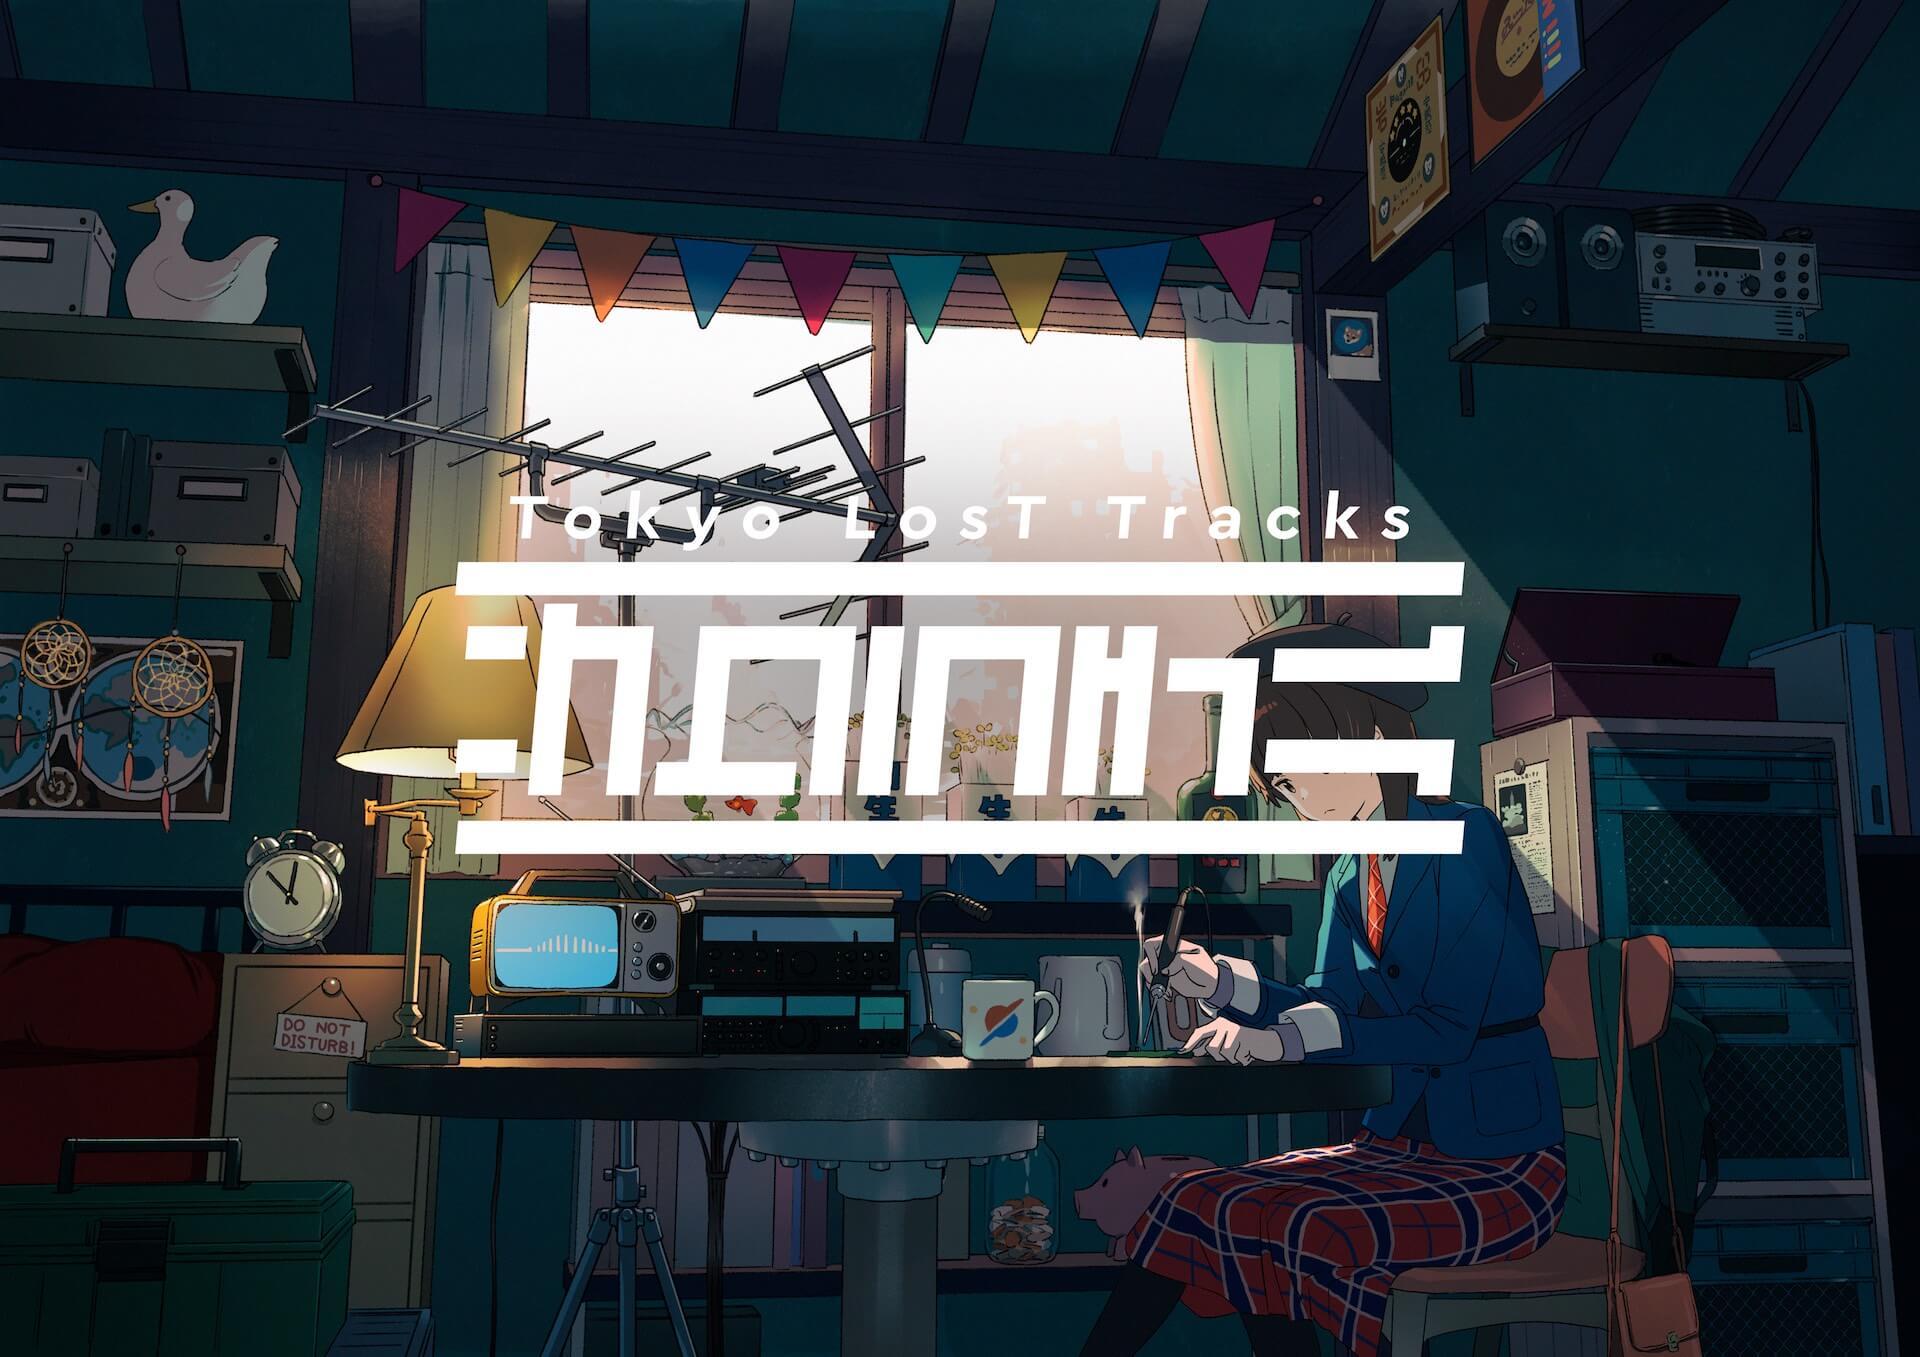 Stay Homeのお供に!Lo-Fi Beatsチャンネル「Tokyo LosT Tracks -サクラチル-」に新曲&新イラスト追加 music200514_sakurachill_05